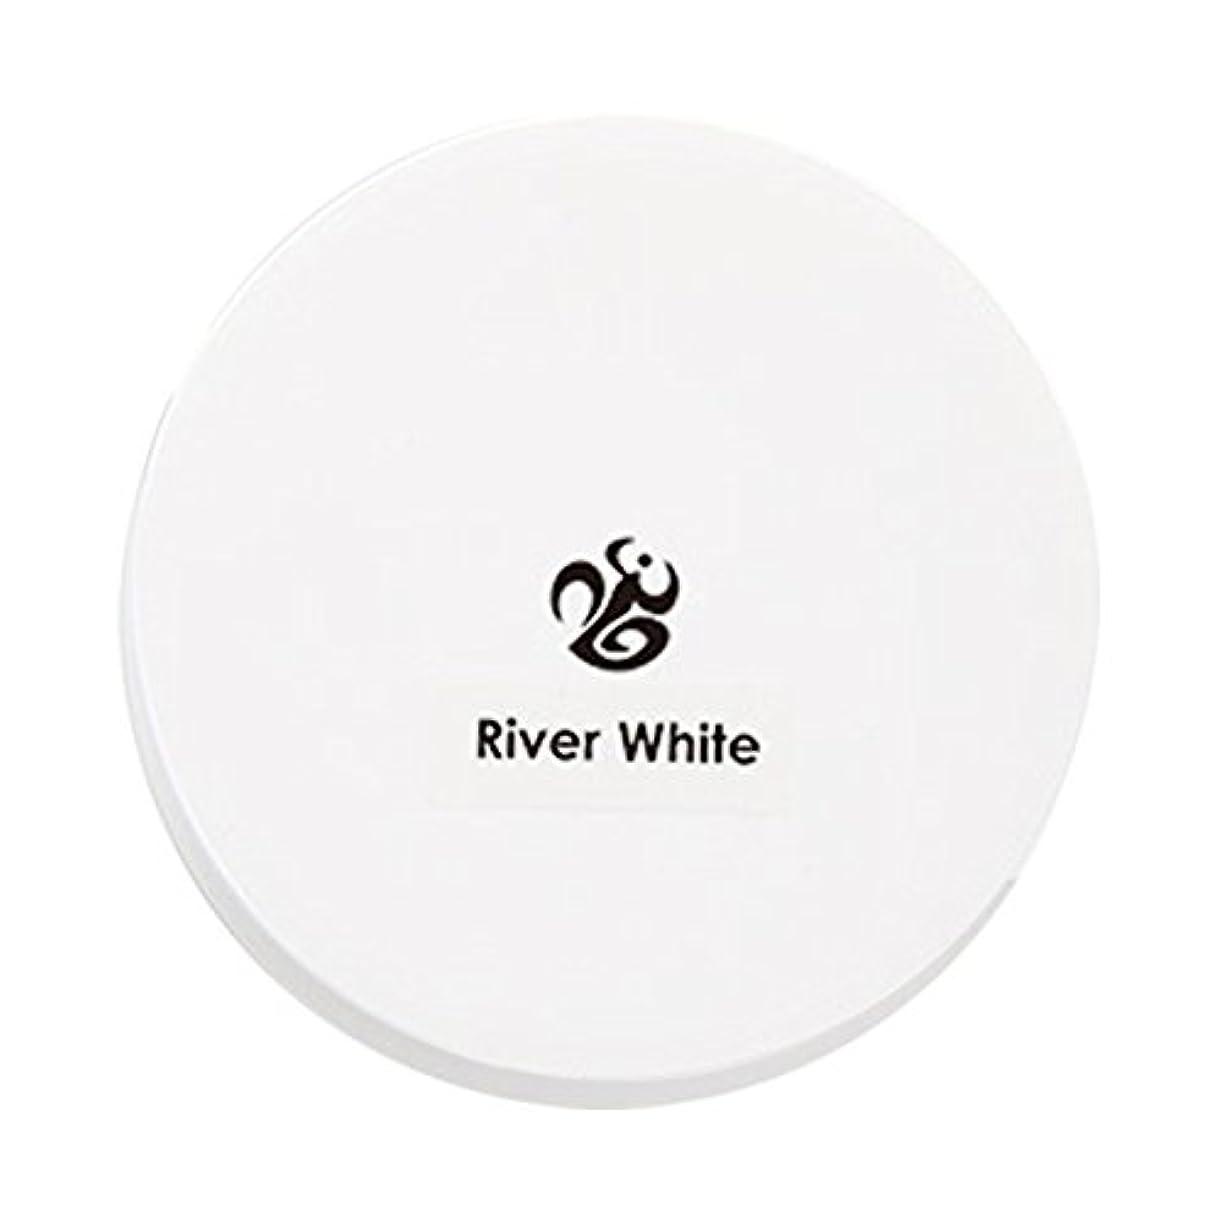 届けるうがい女性ネイルデダンス アクリルパウダー リバーホワイト 20g